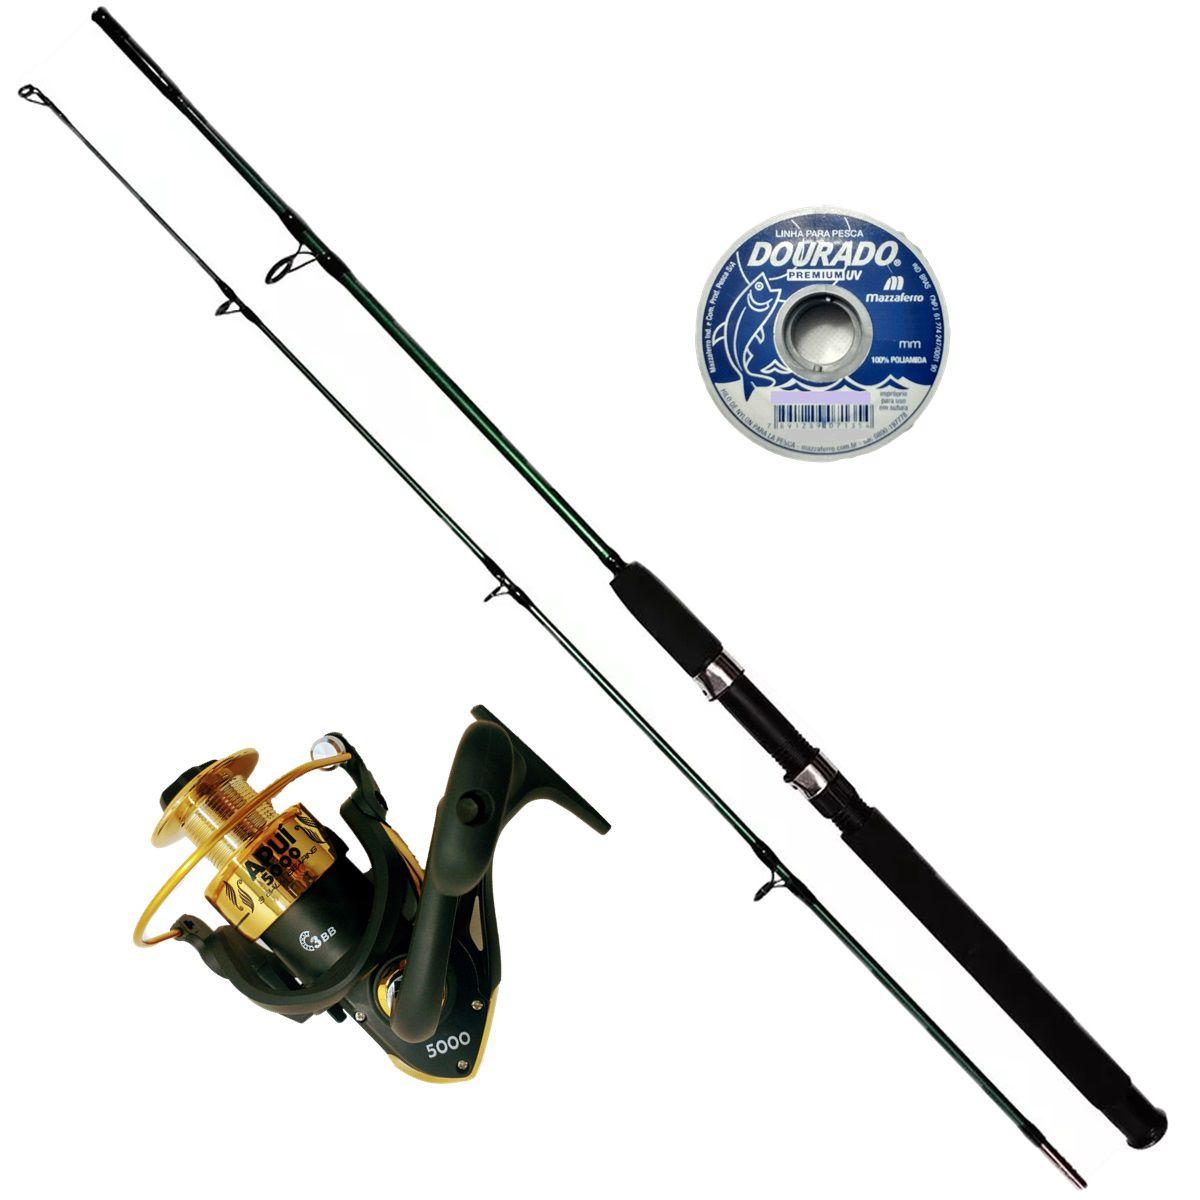 Vara De Pesca Completa 1,70 Molinete 5000 3 Rolamentos Linha